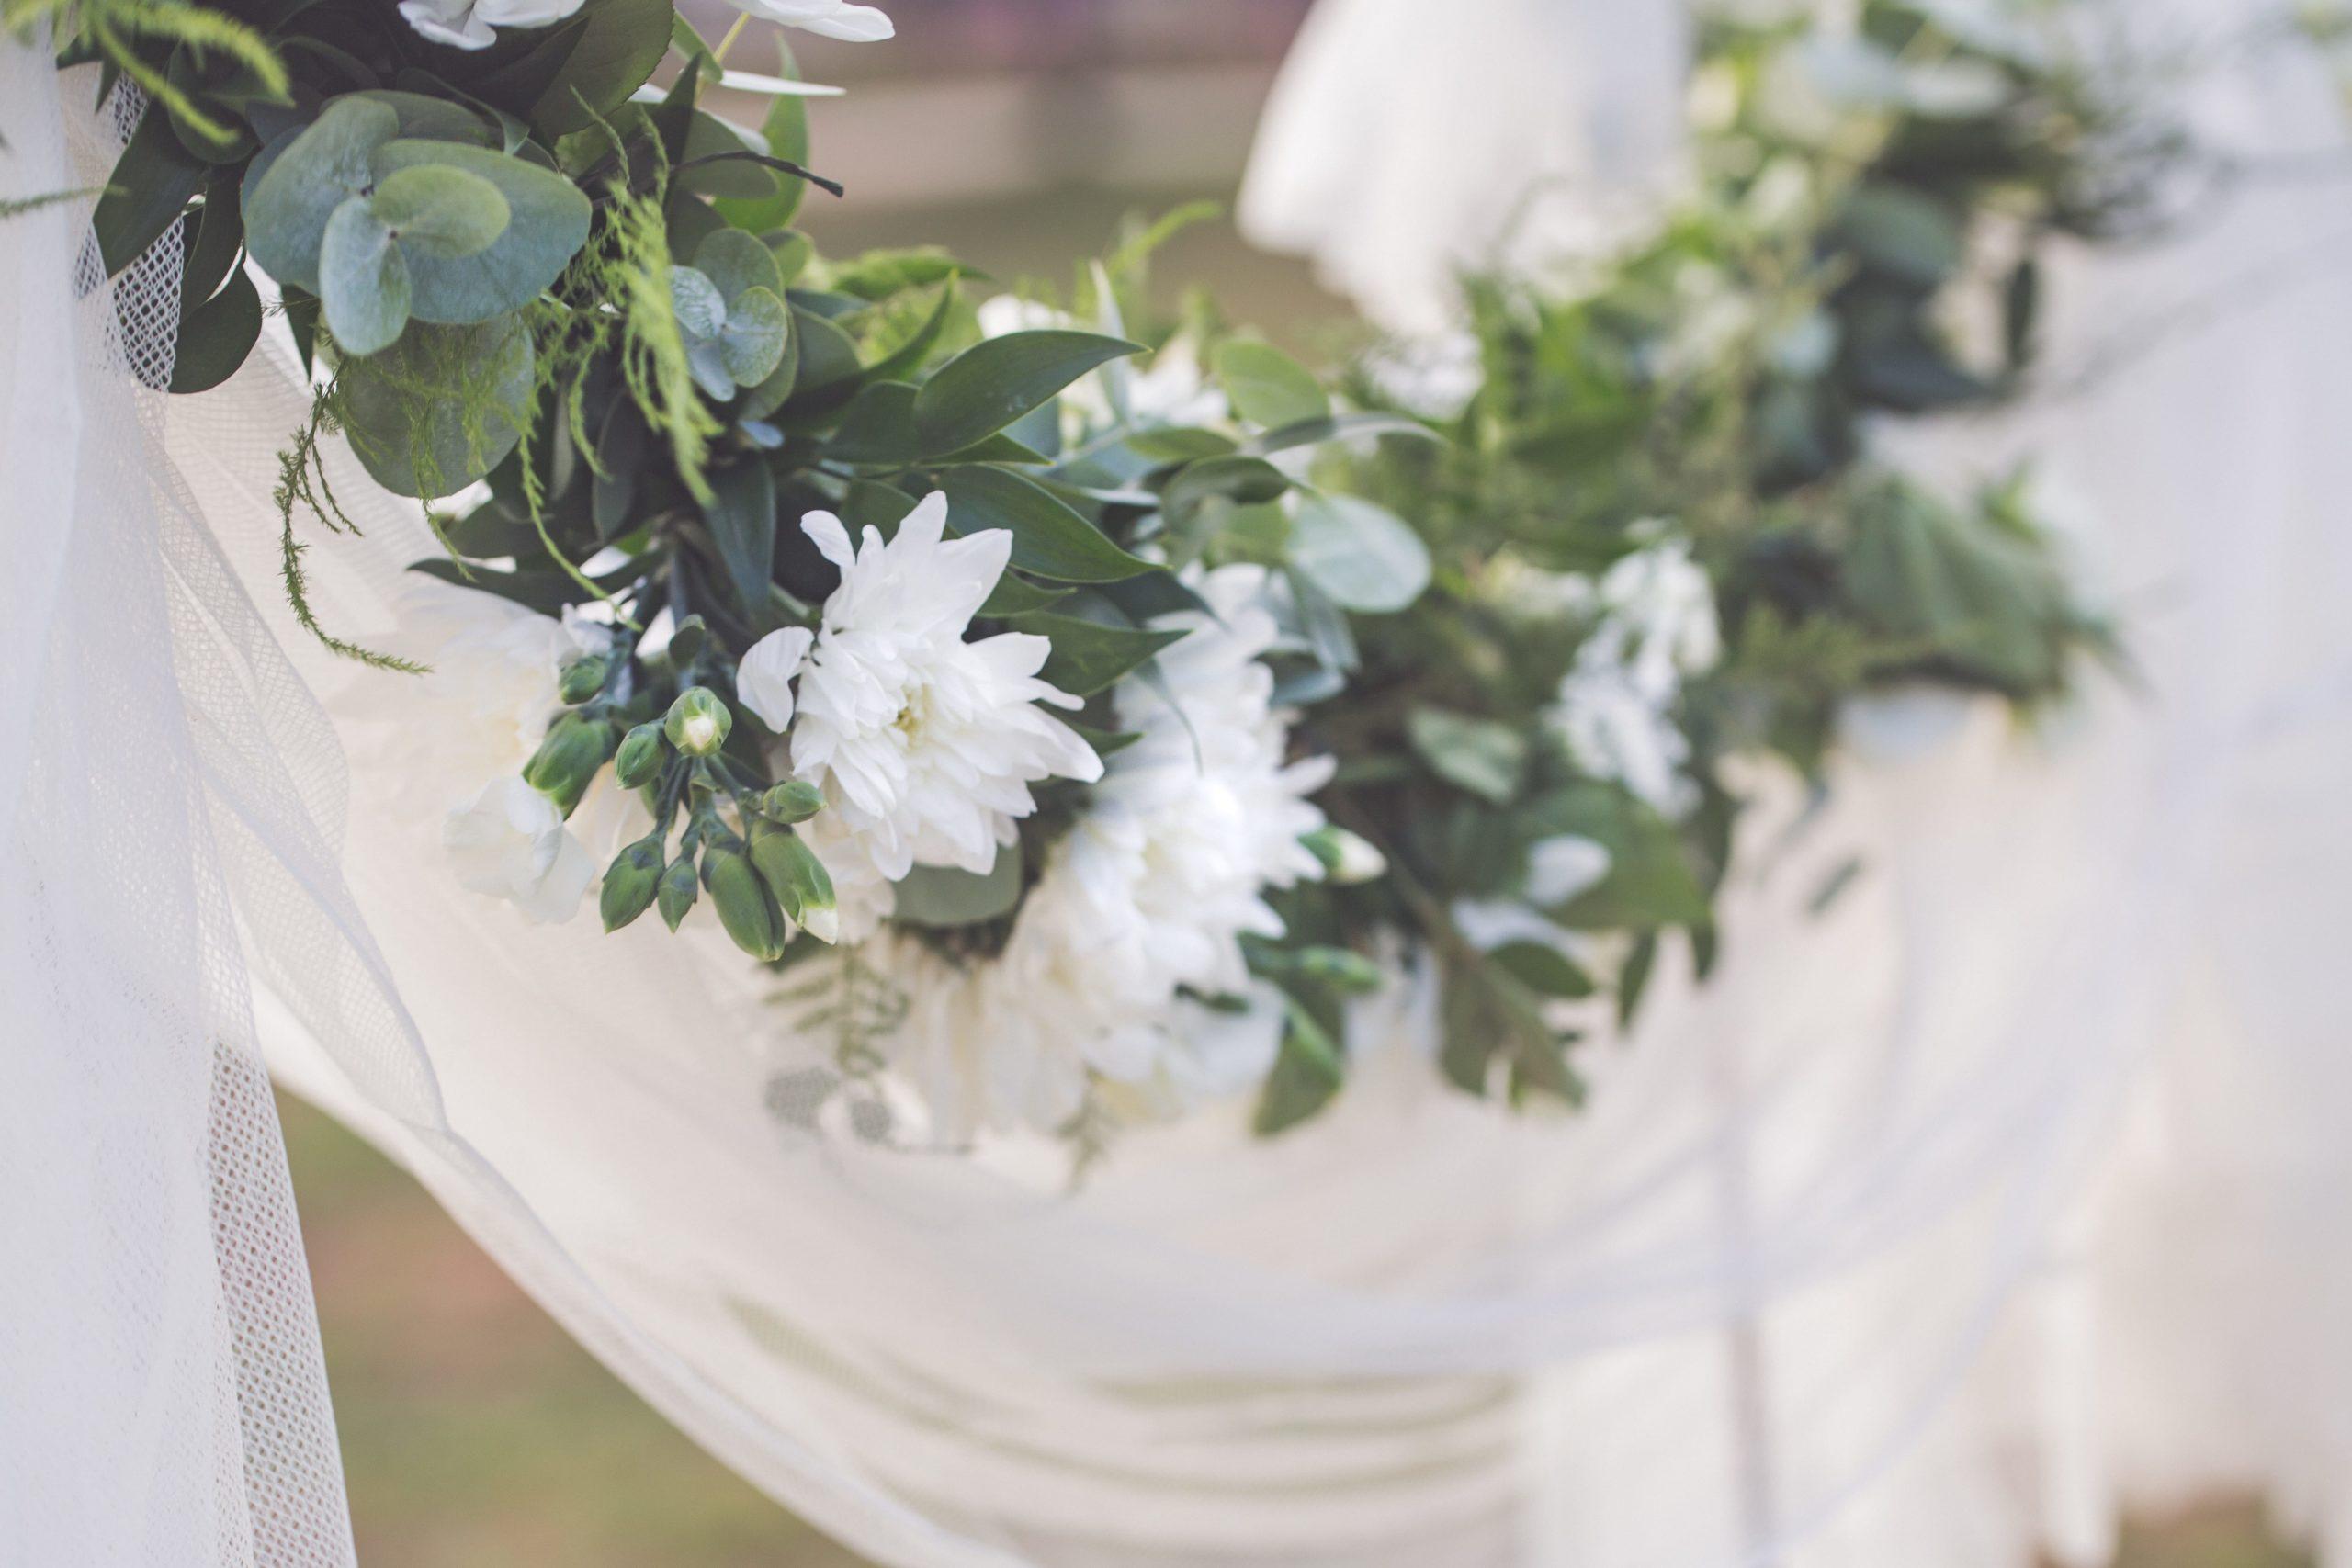 La pureté du décor vert et blanc